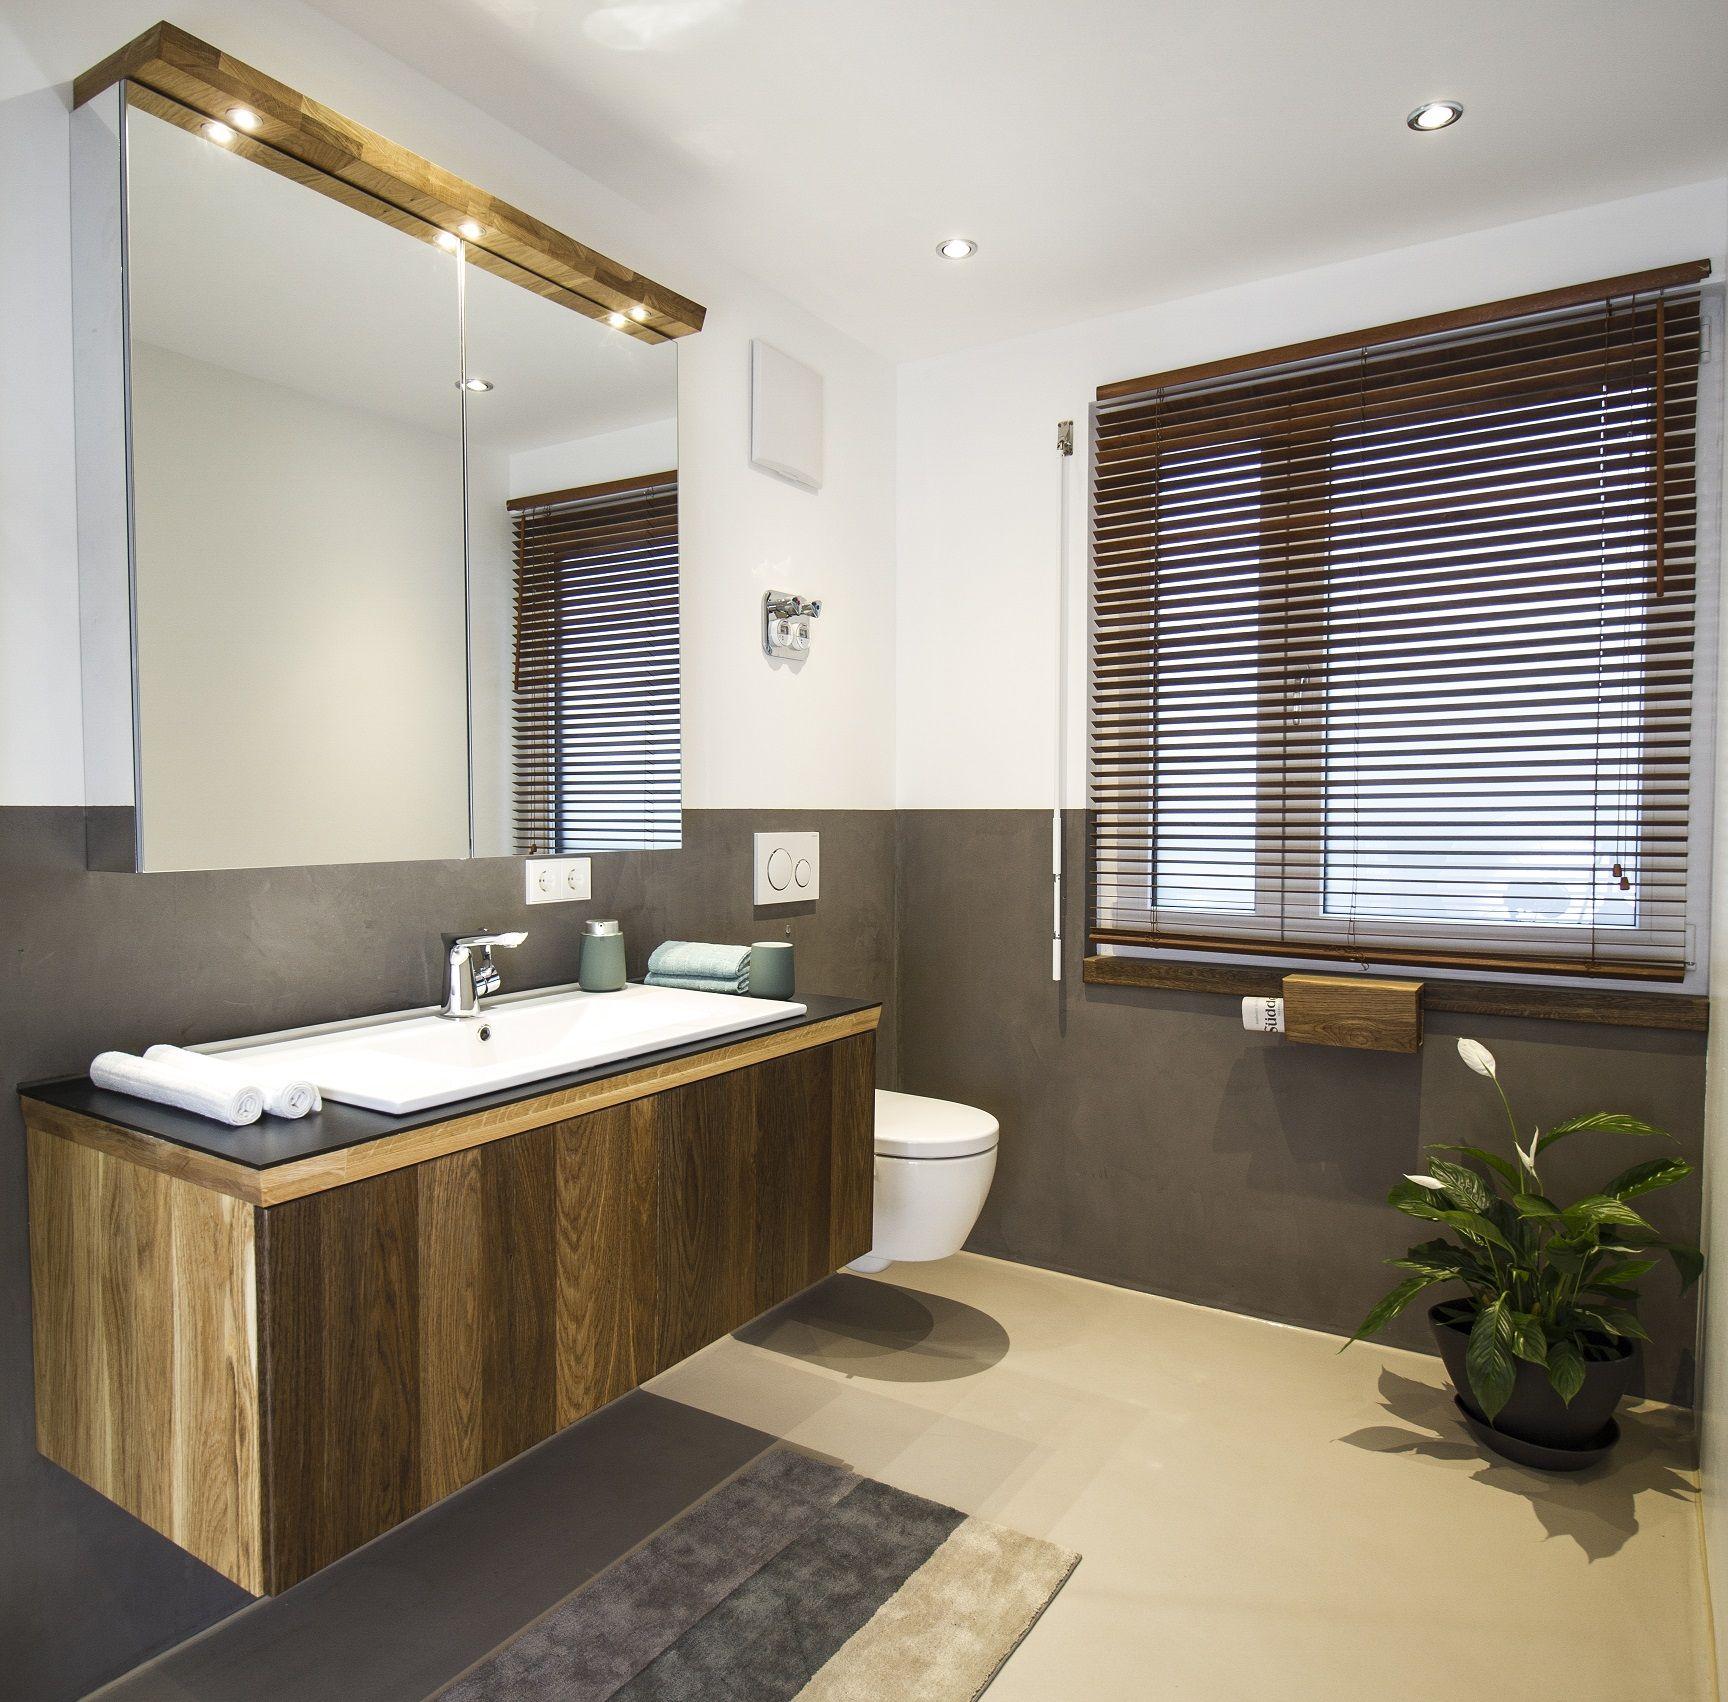 Wohntrends Eiche Gerauchert In Kombination Mit Einem Lavastyle Gussboden Wohnen Badezimmereinrichtung Wohntrends